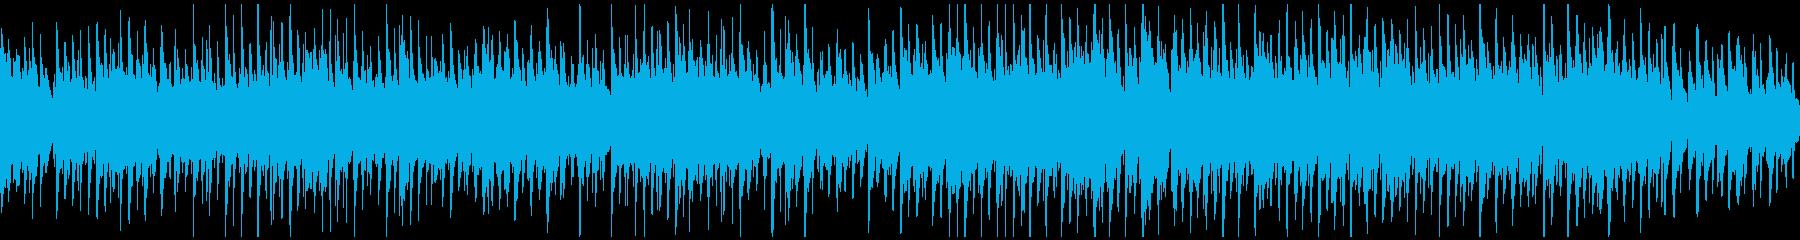 爽やかな朝、ほのぼのウクレレ ※ループ版の再生済みの波形